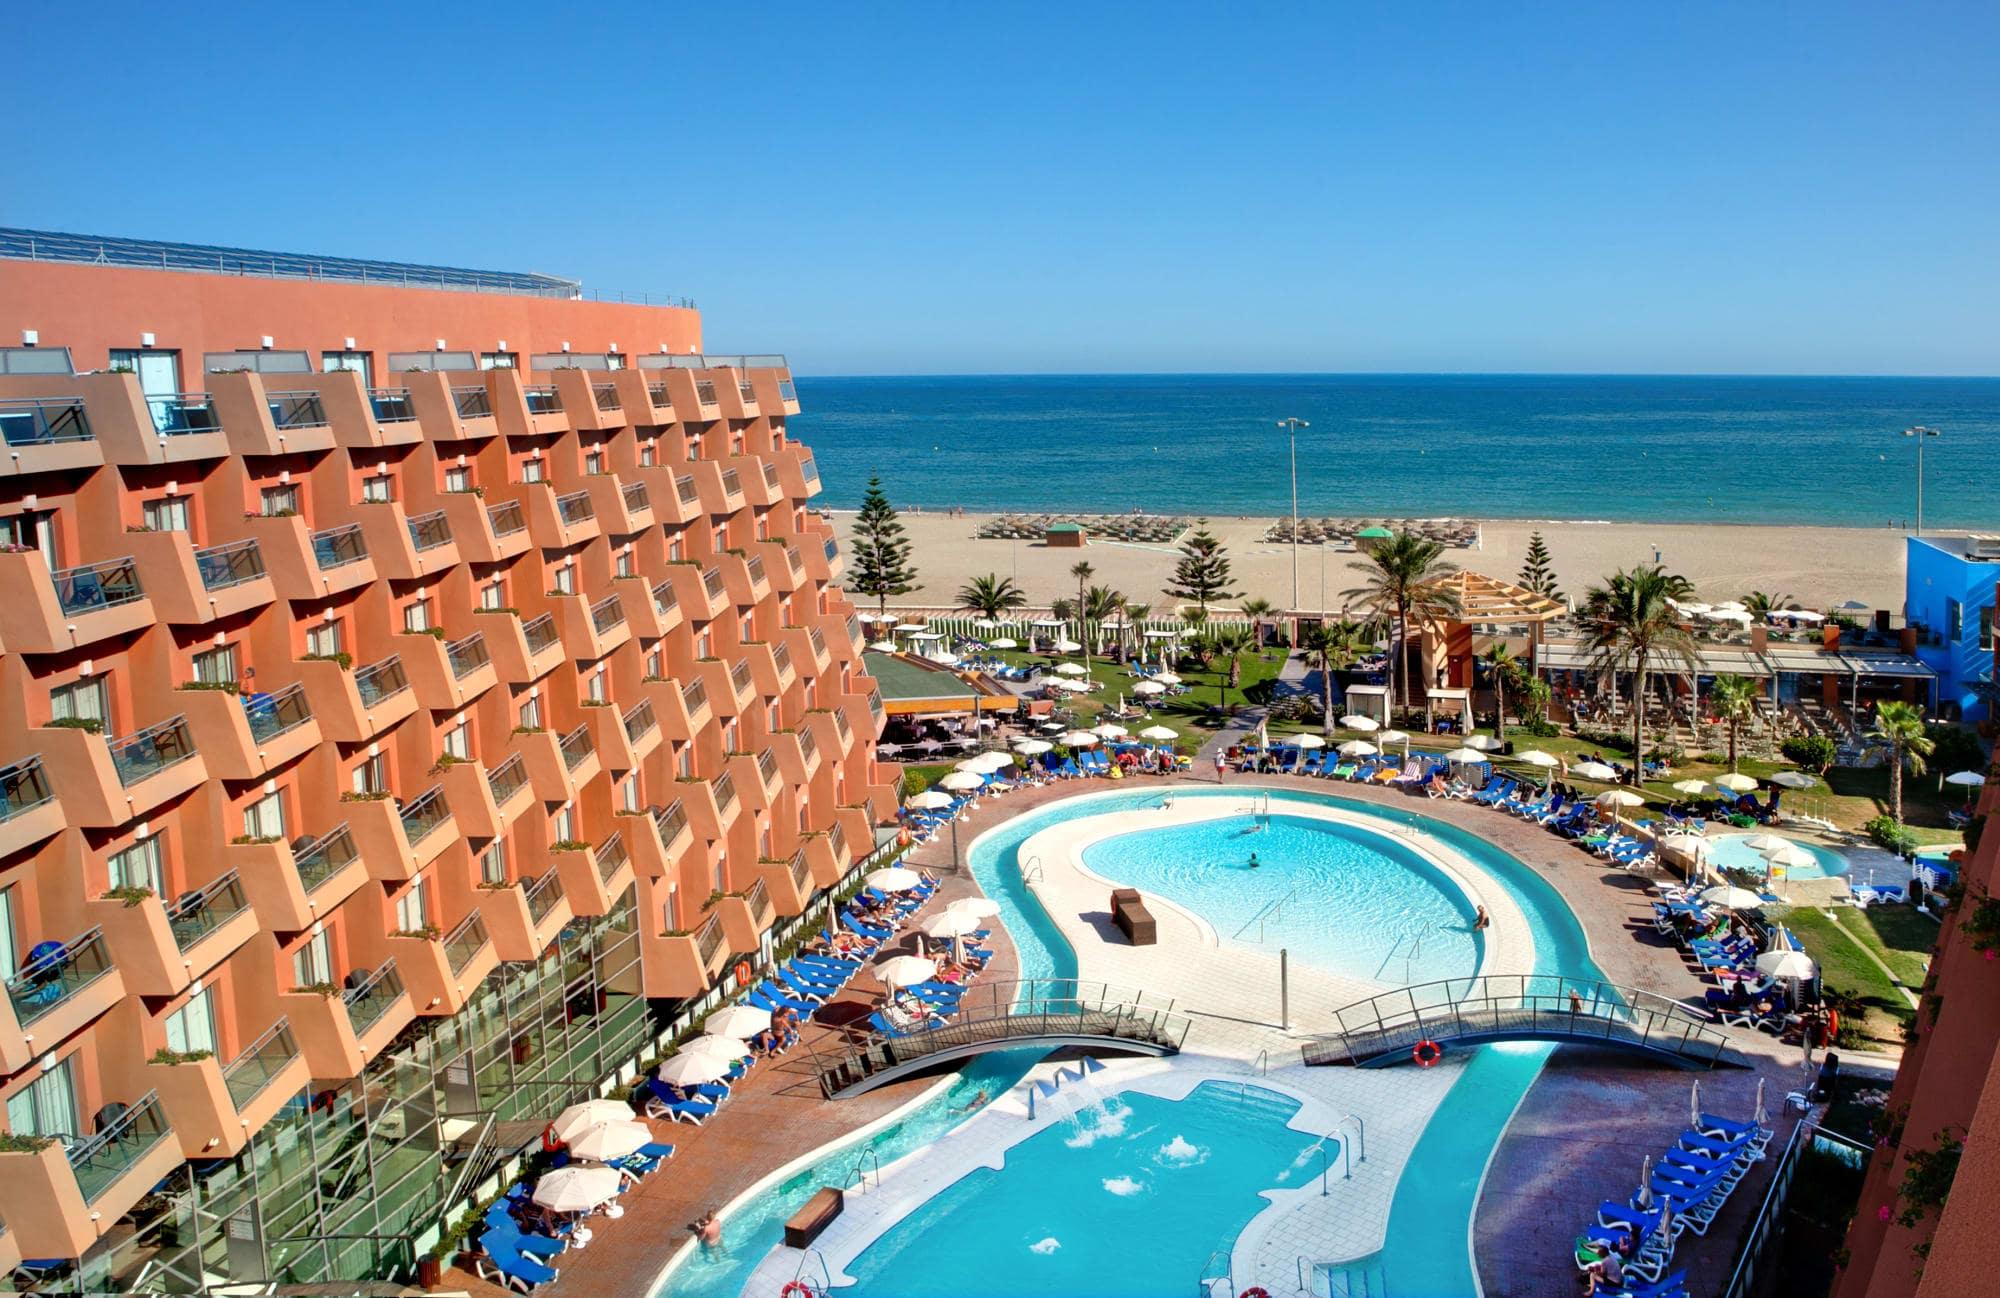 Protur Roquetas Mar Hotel & Spa